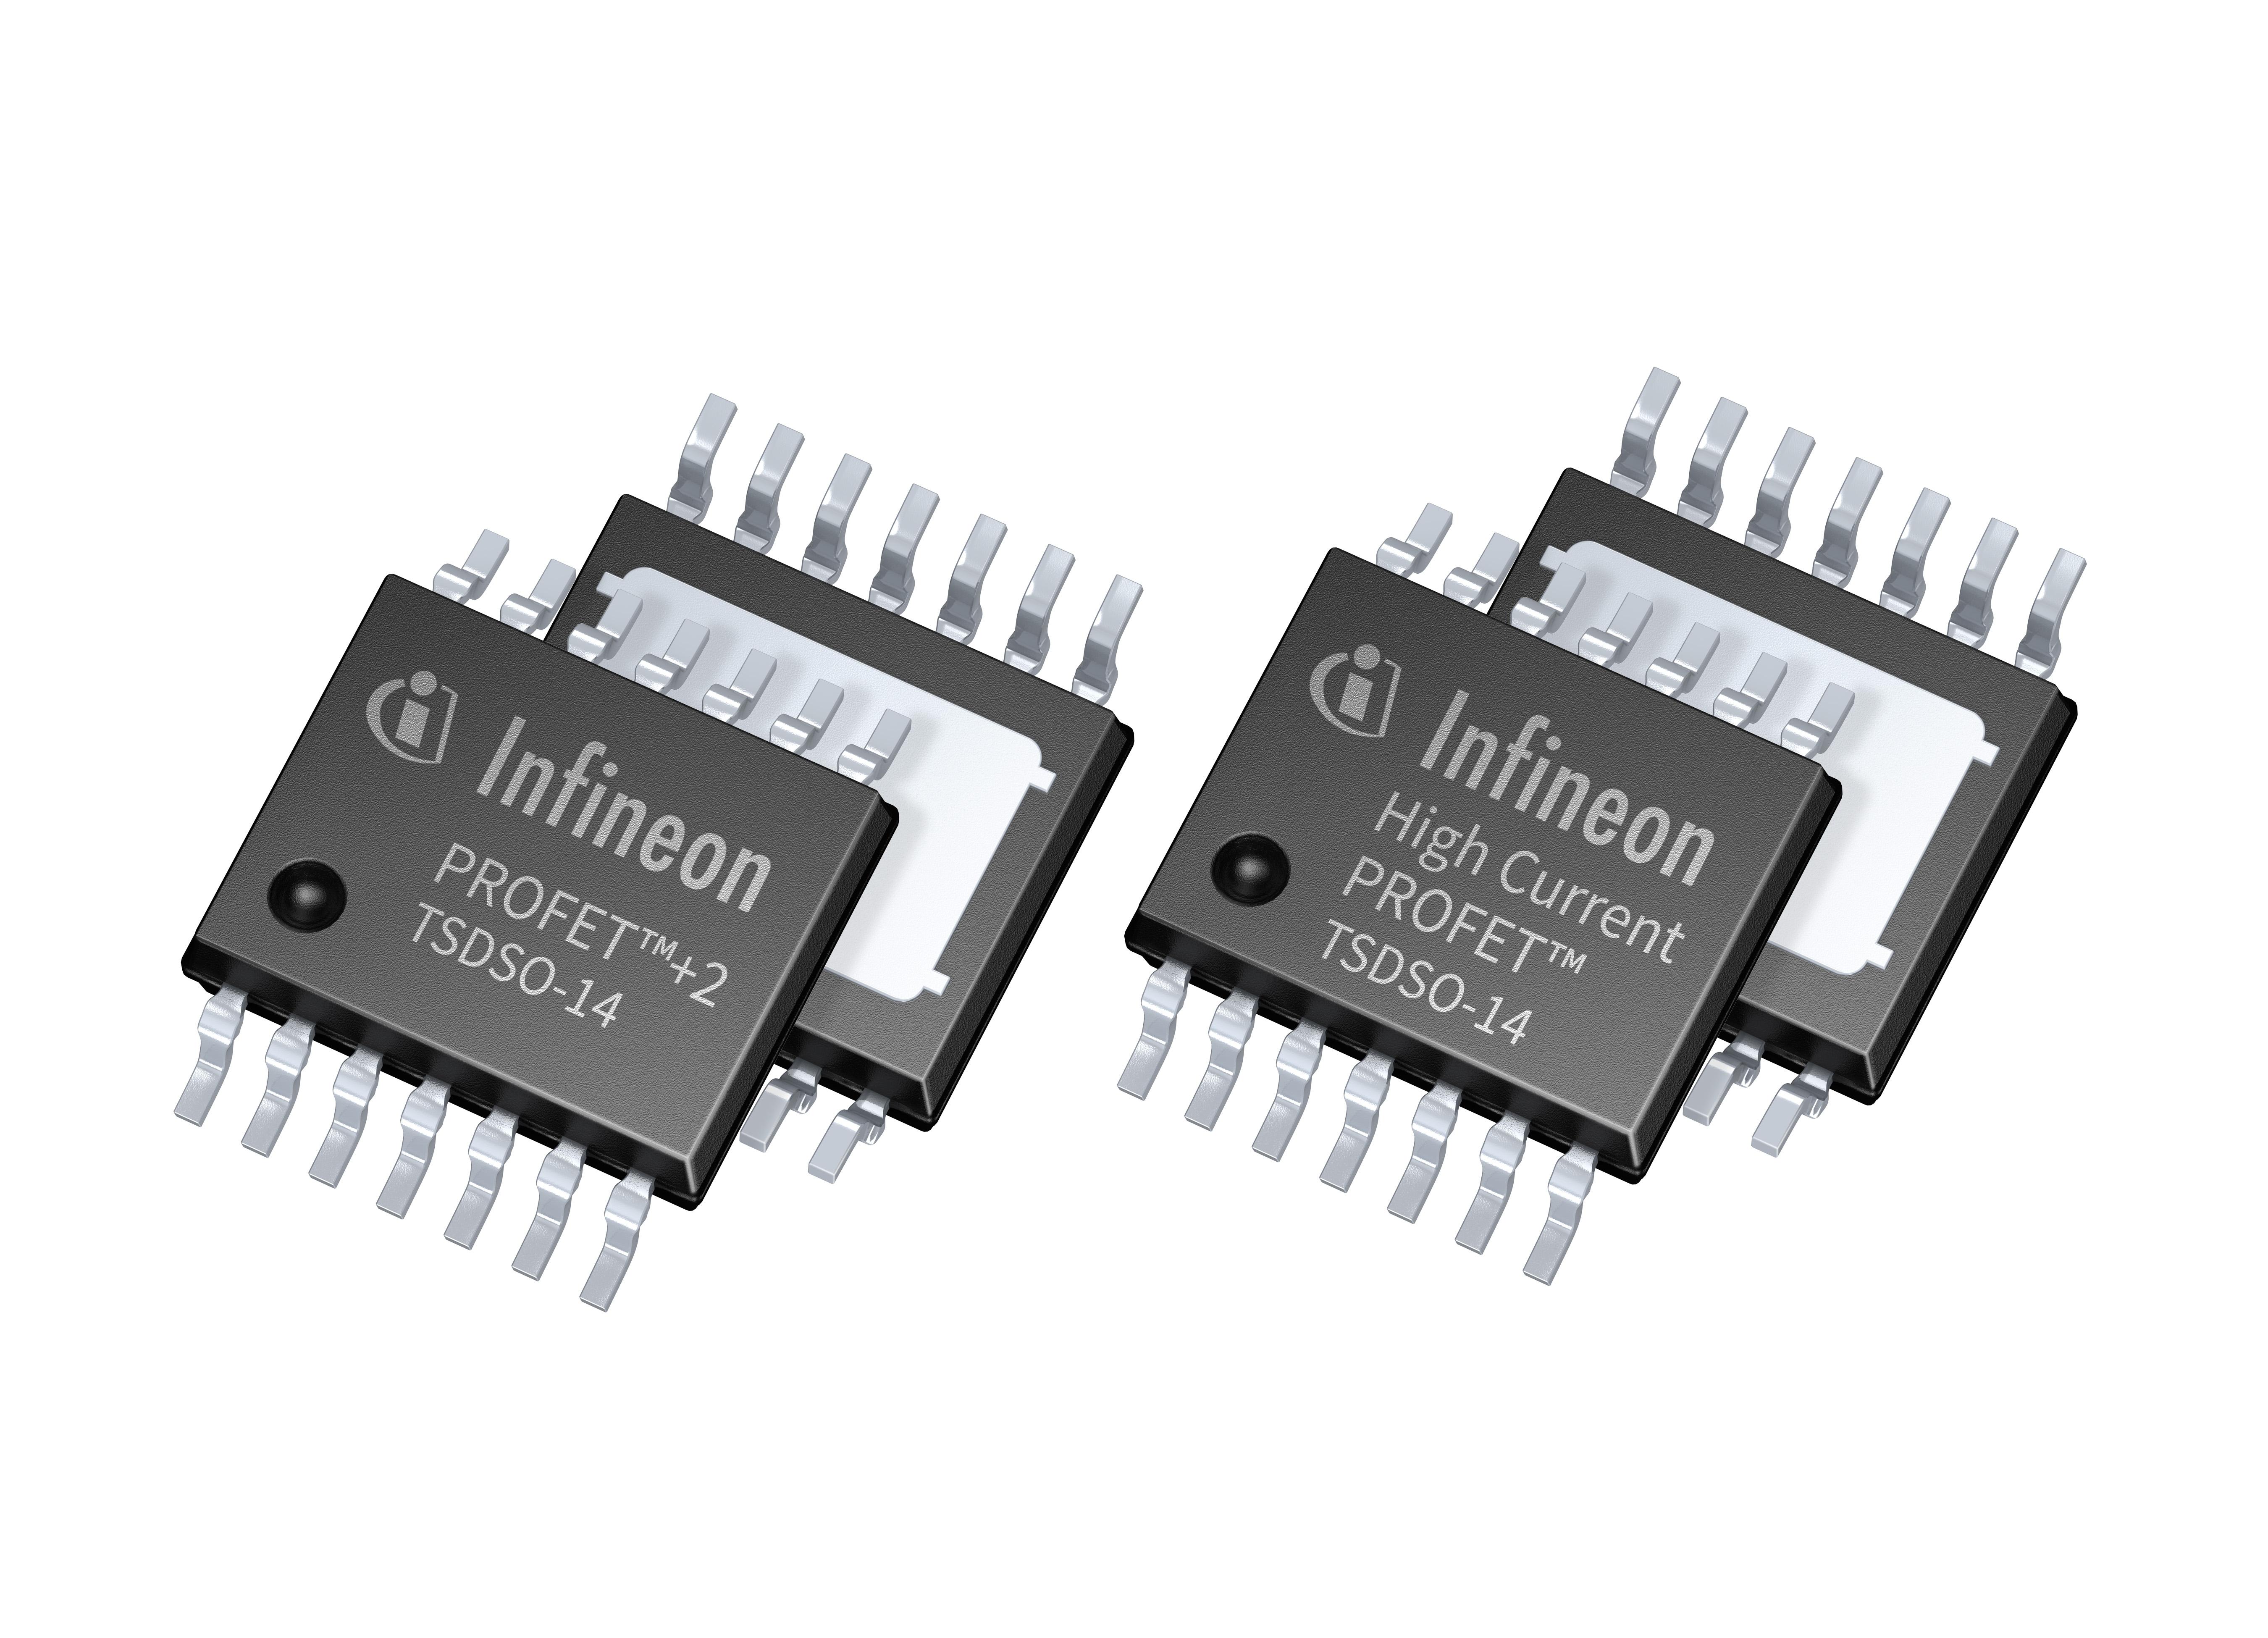 Leistungsschalter PROFET™+2 und High Current PROFET™ von Infineon ...